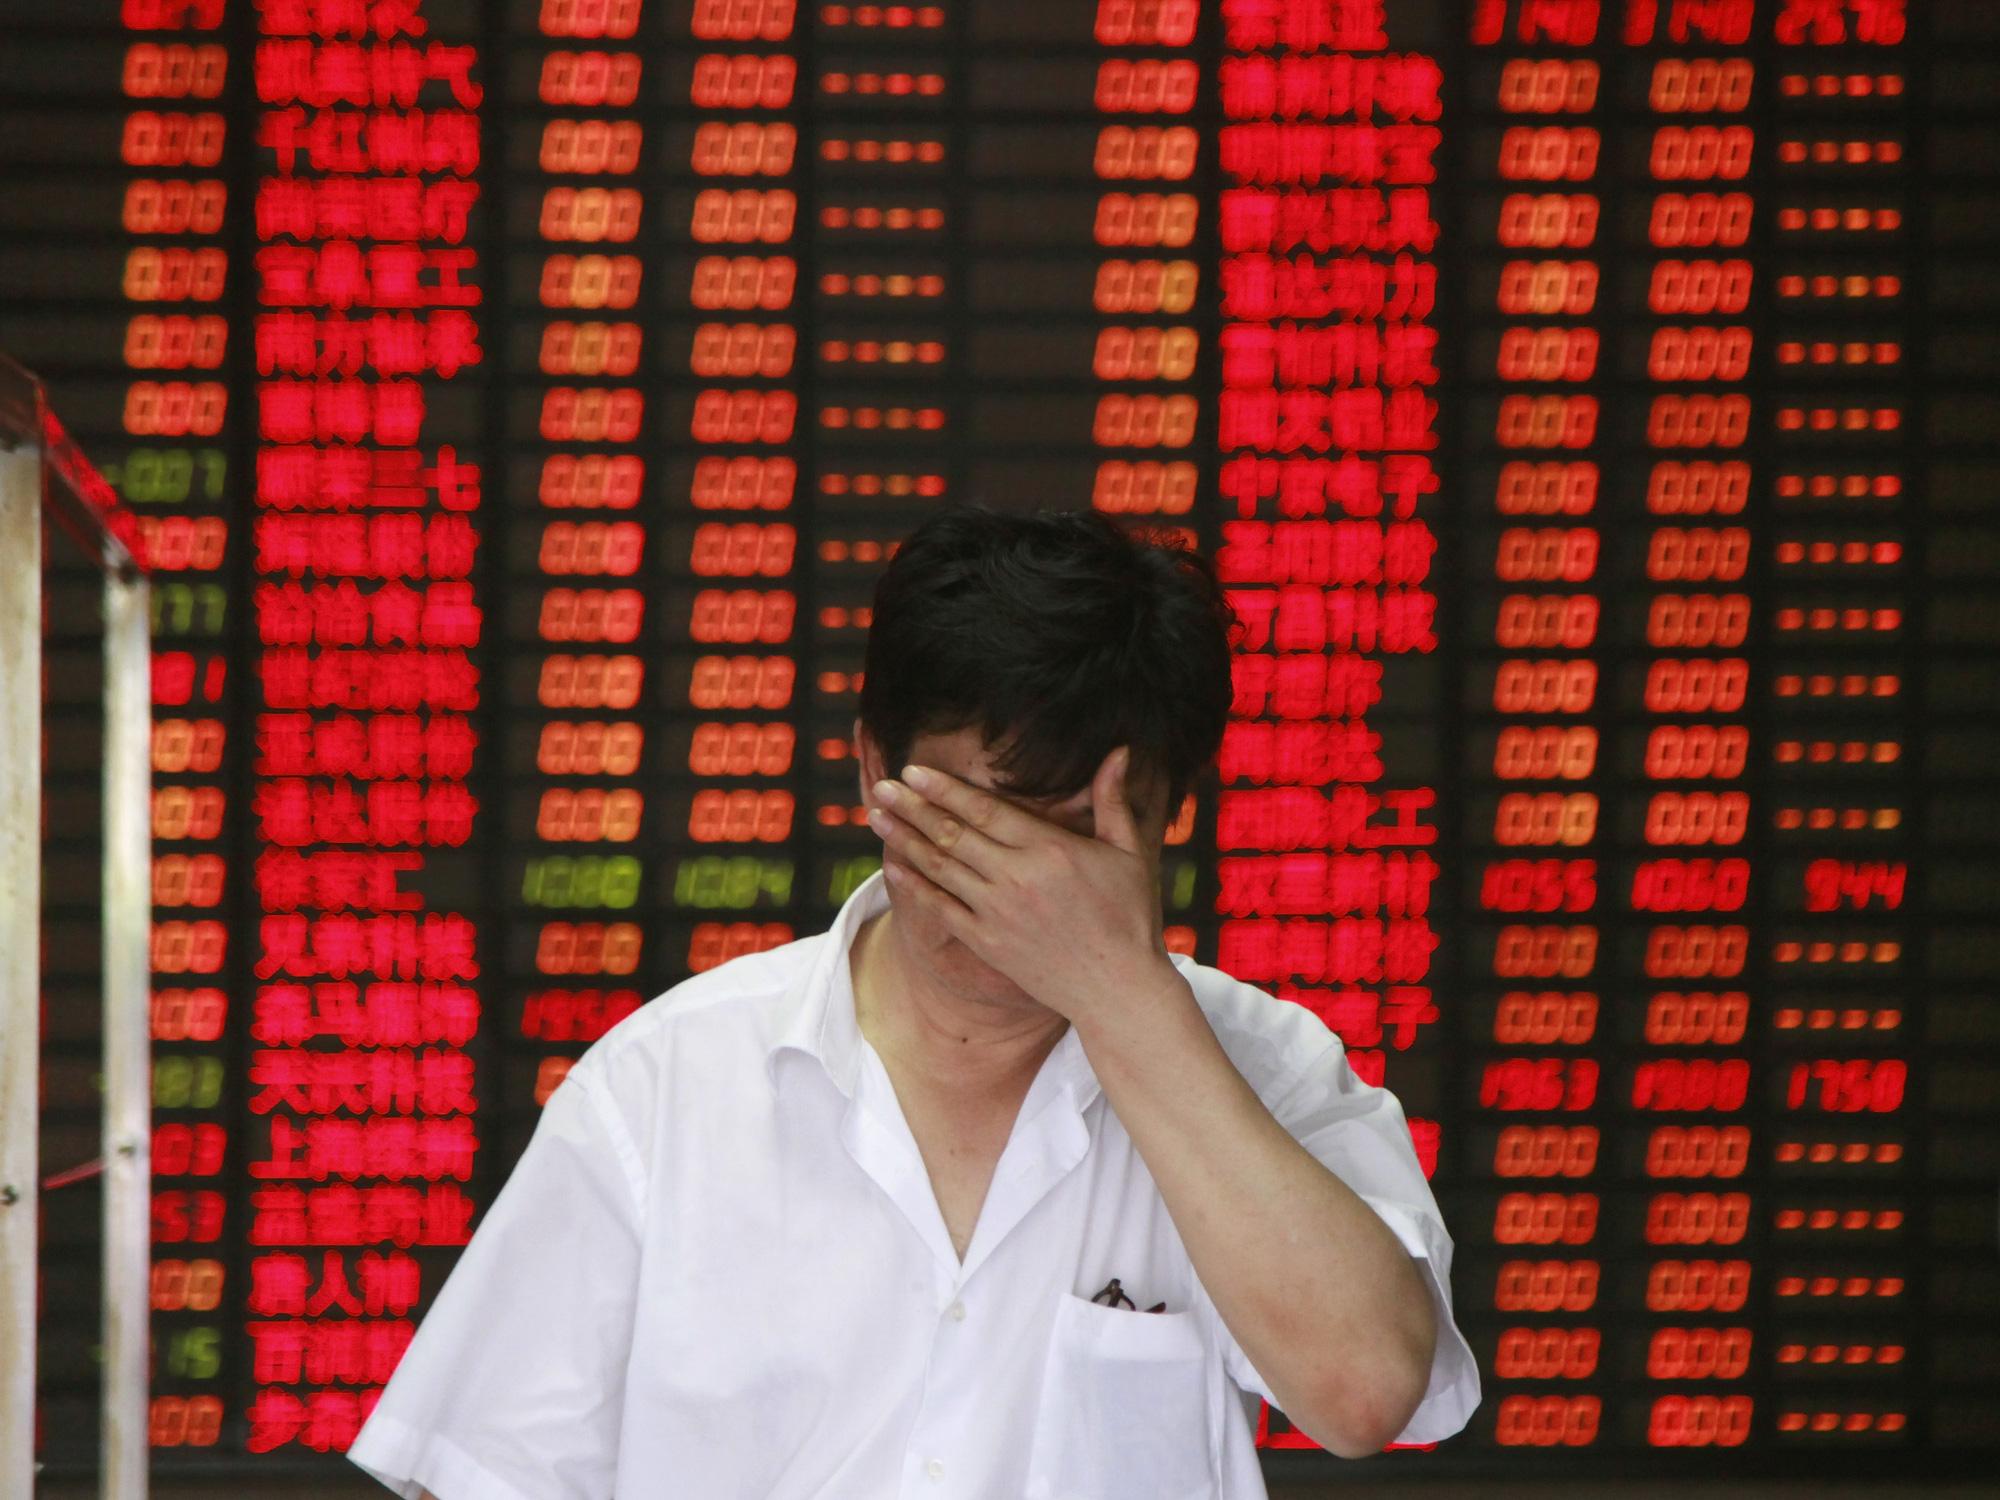 Trong làn sóng bán tháo hoảng loạn, Trung Quốc lọt top thị trường tệ nhất châu Á - Ảnh 1.